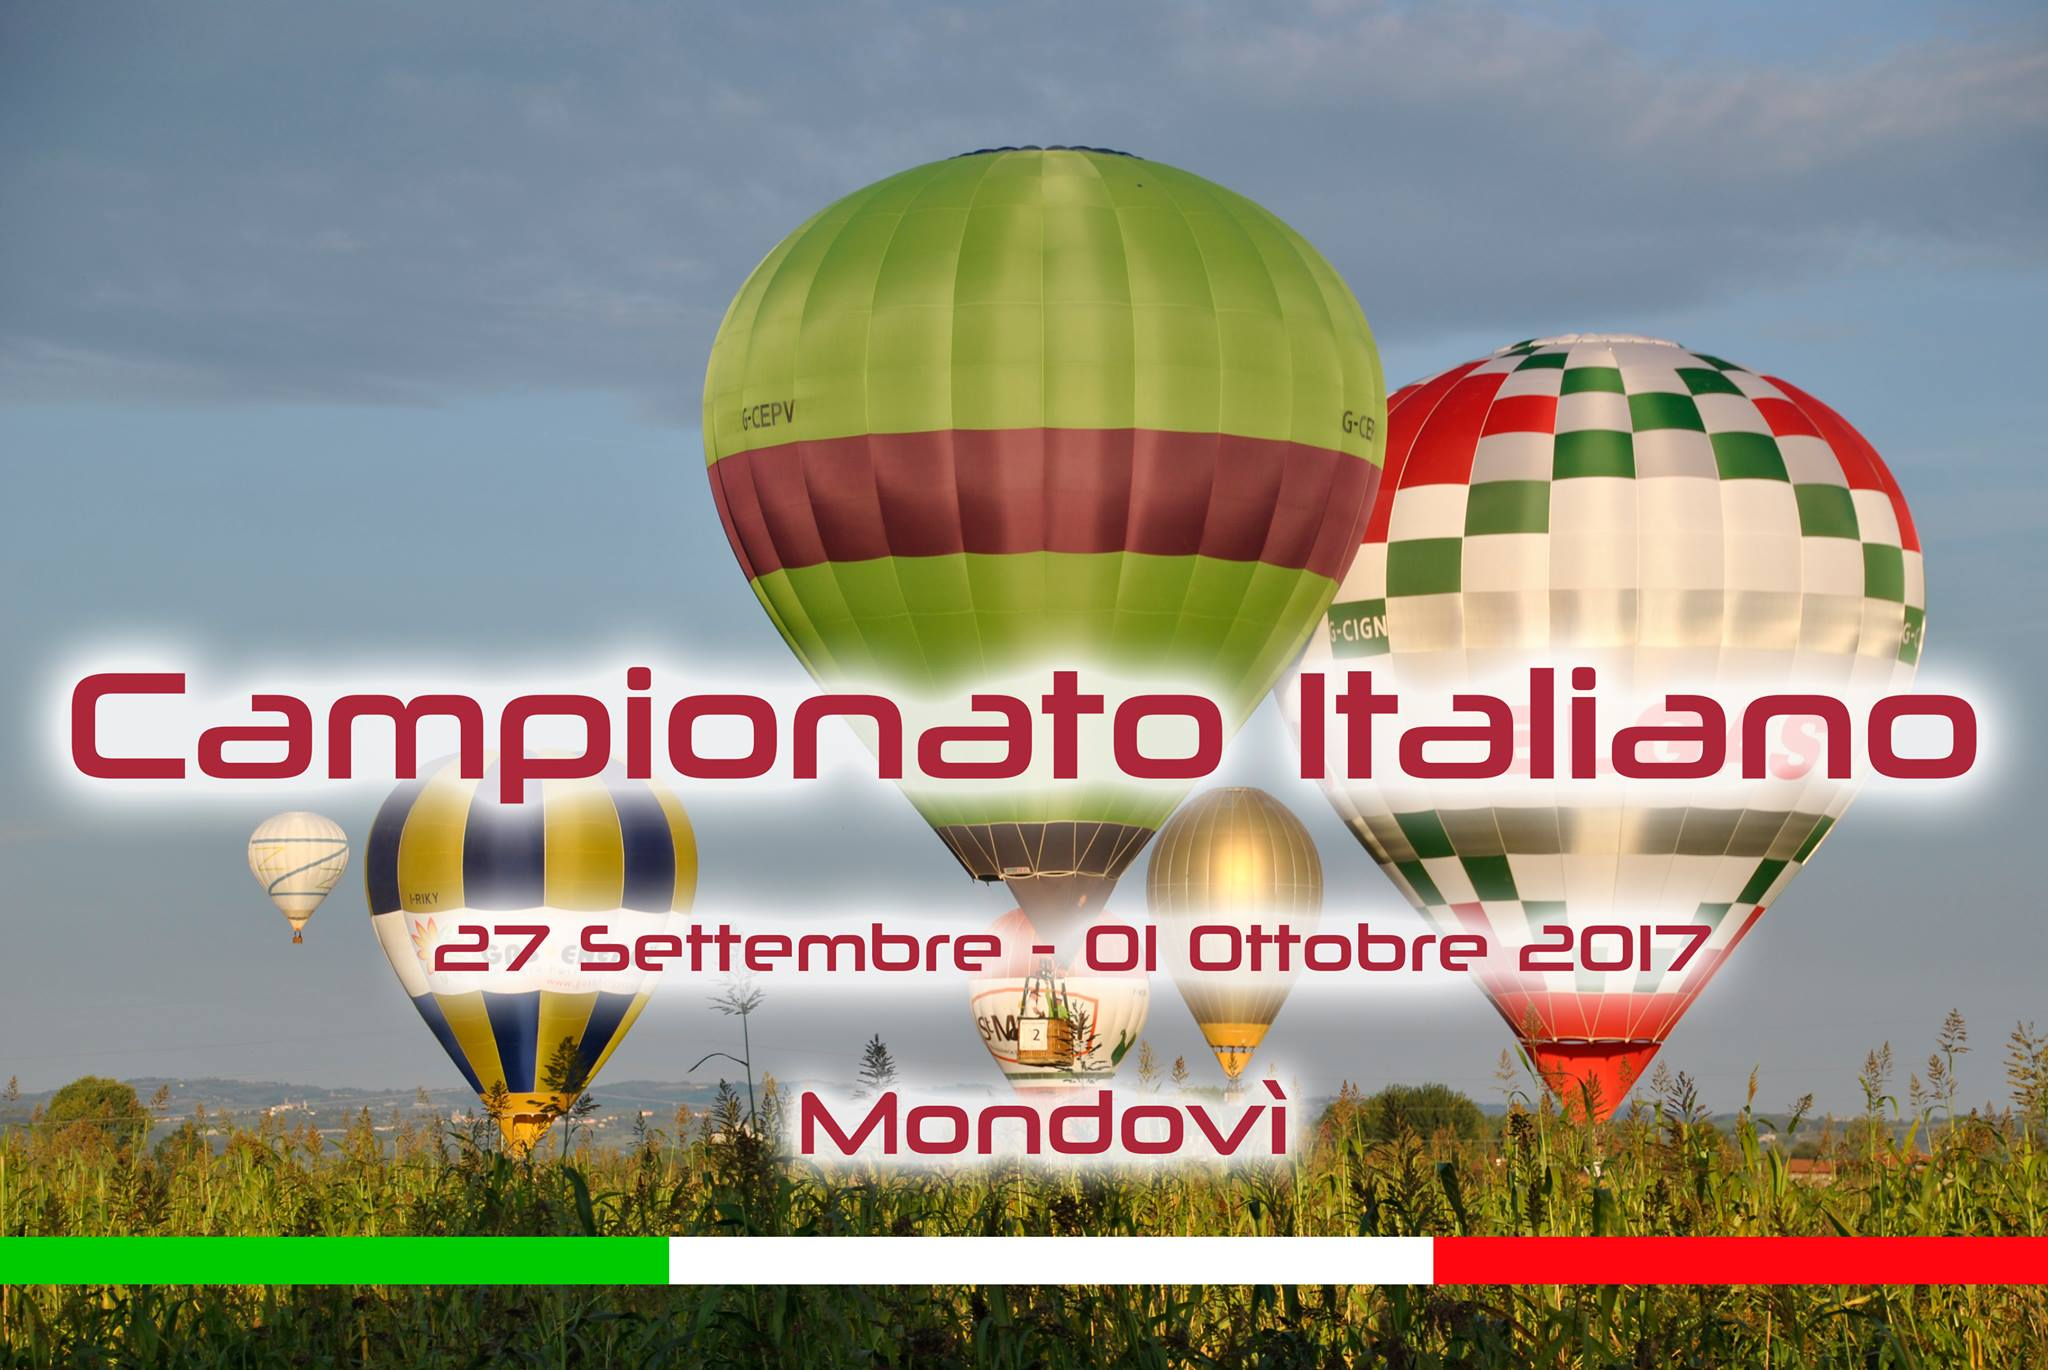 Campionato Italiano di Mongolfiere a Mondovì